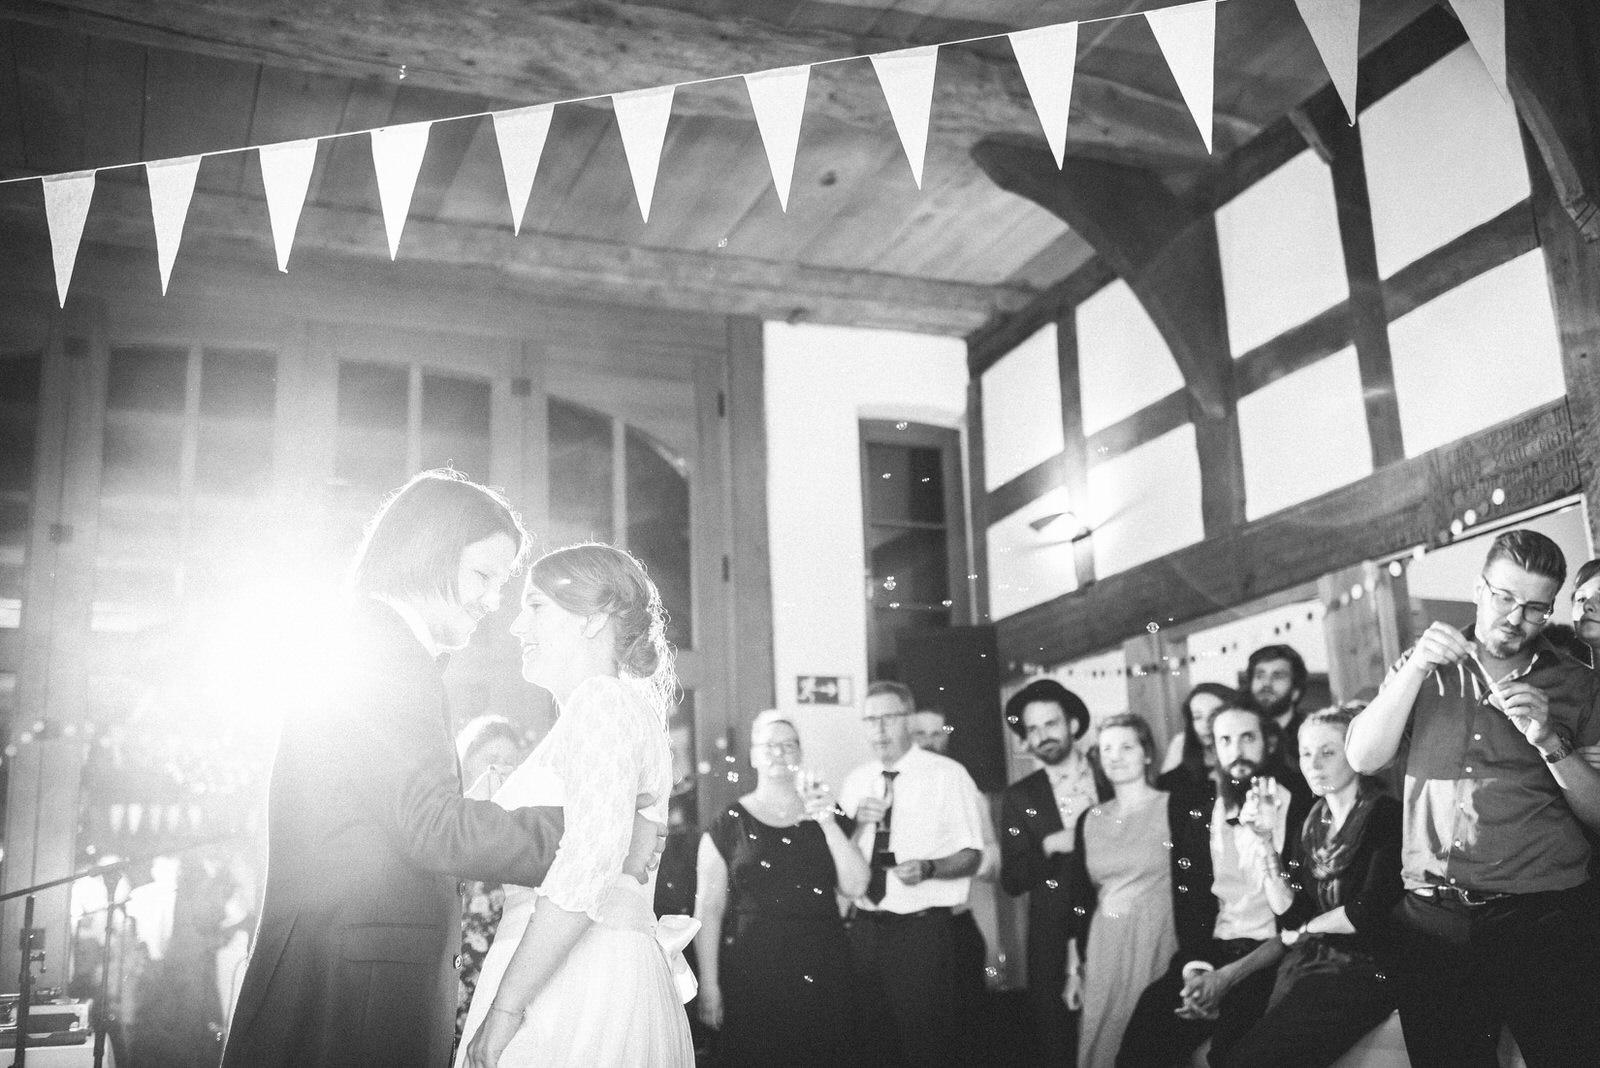 Hochzeitsfotograf Stuttgart Hochzeitstanz mit Seifenblasen Bruno Biermann Slideshow Main